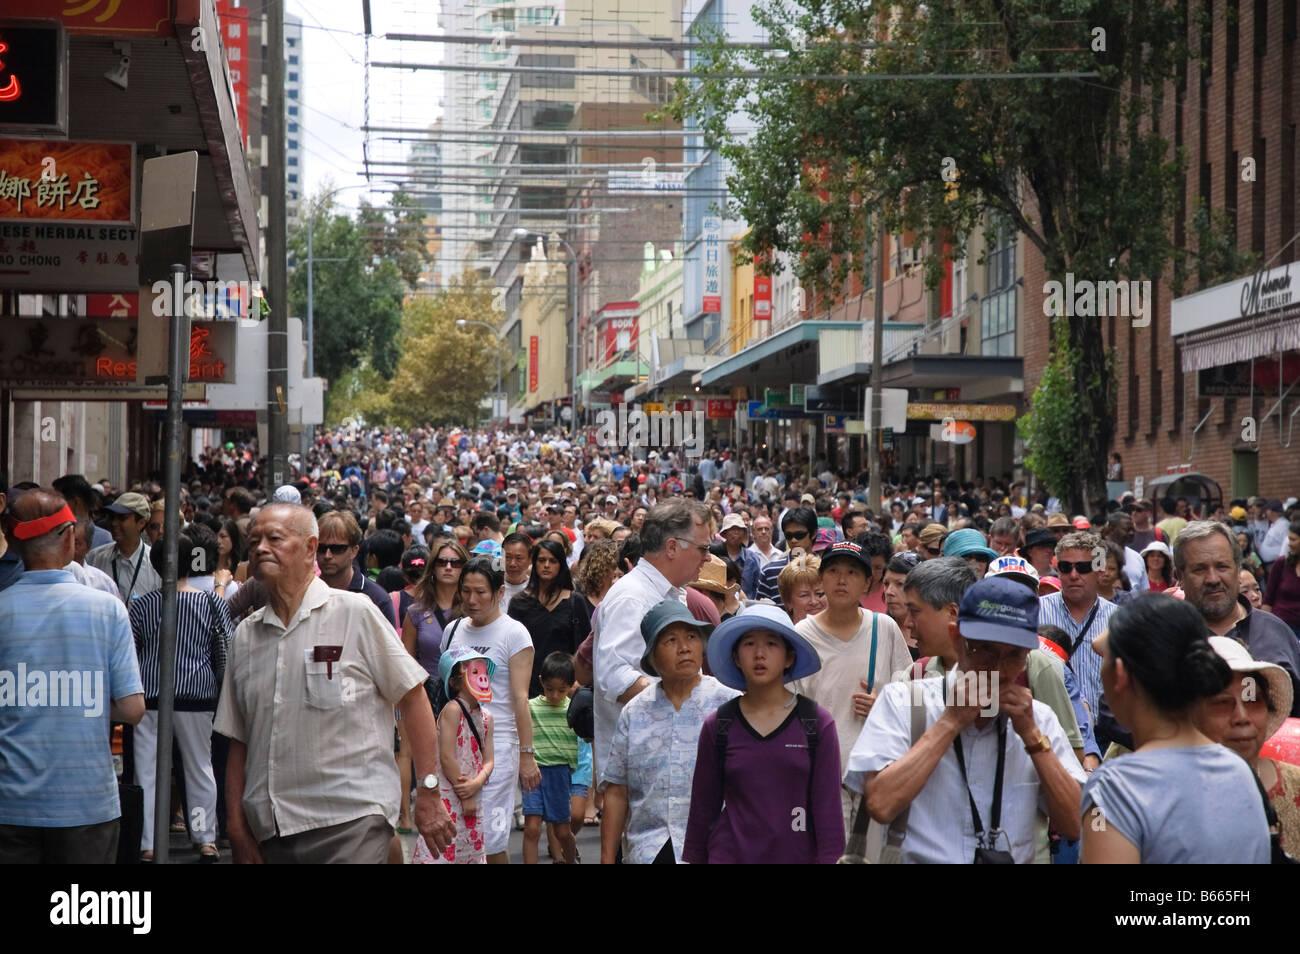 Las multitudes Sussex Street, Chinatown, Sydney, justo después del desfile del Año Nuevo Chino. Diversas; diversidad; multitud multicultural; la gente de Asia Australia Foto de stock